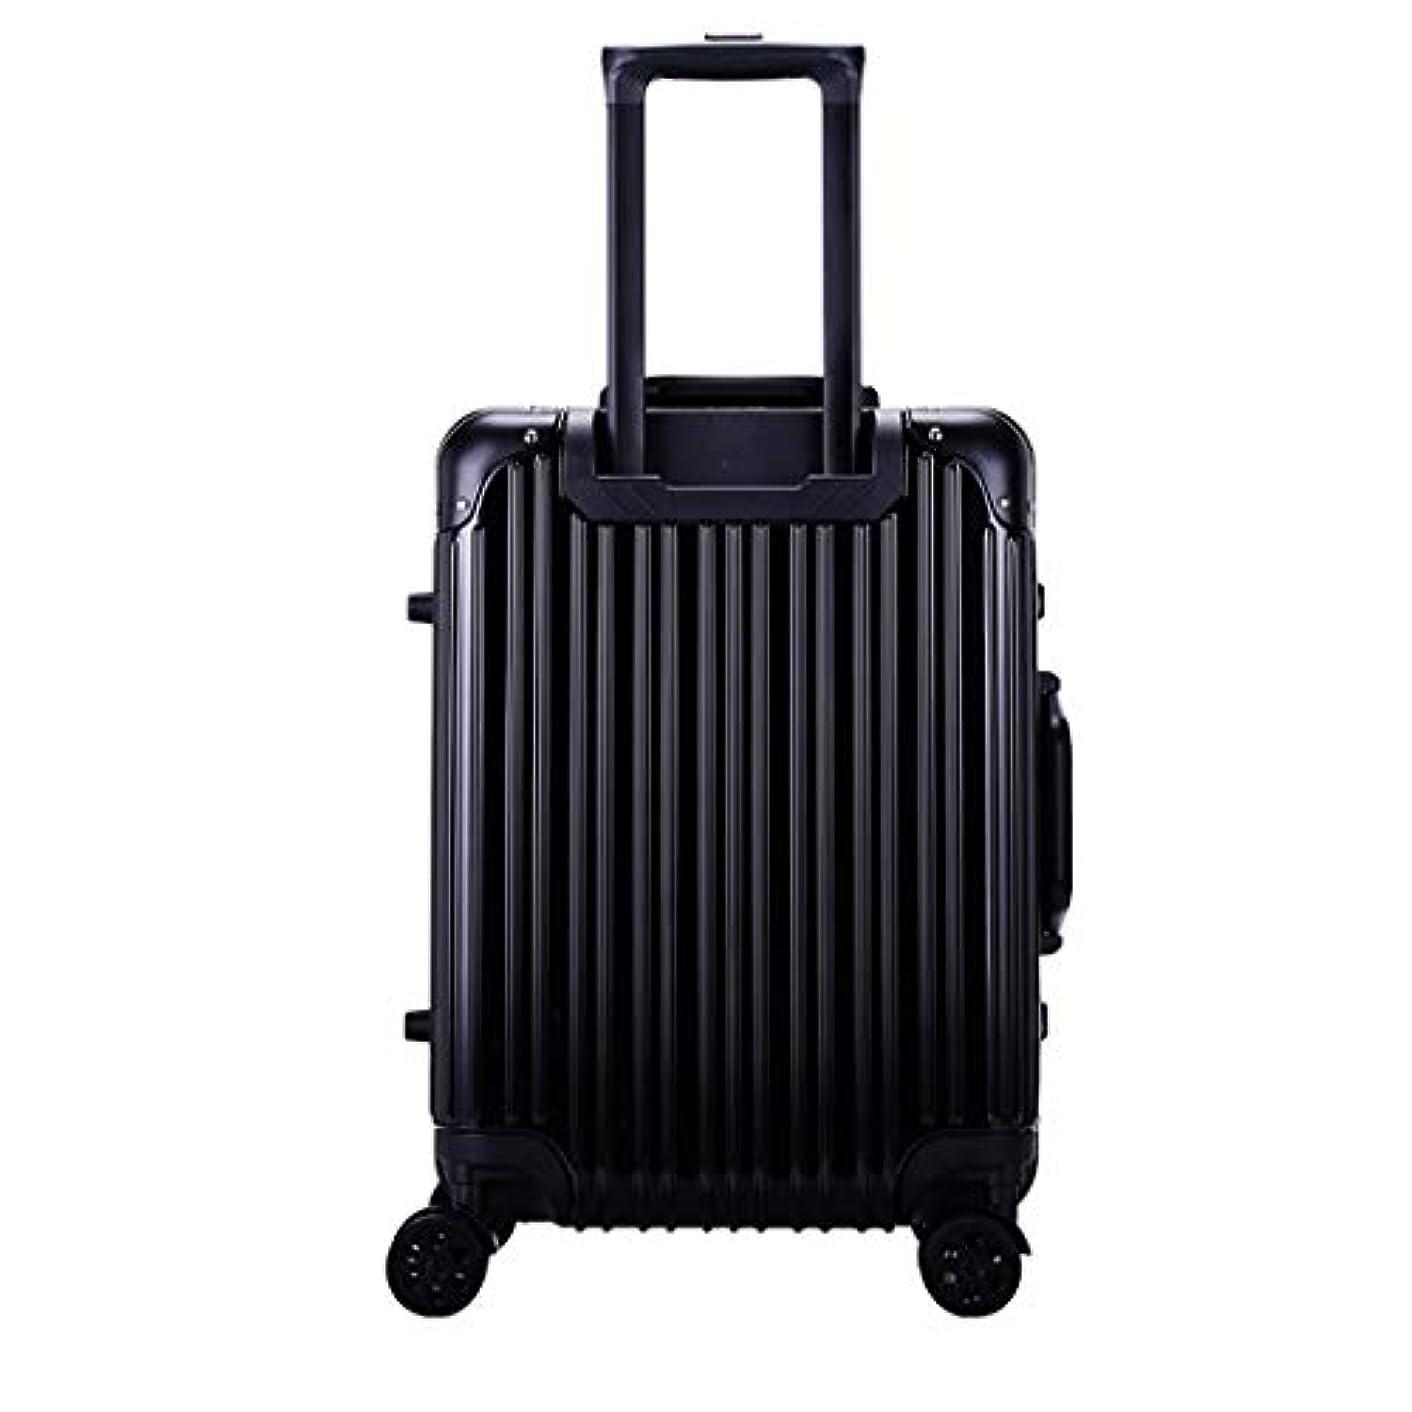 仮定、想定。推測なので威信荷物トロリーケースアルミフレームボードスーツケース防水荷物金属カラーTSAロック,Black,28in